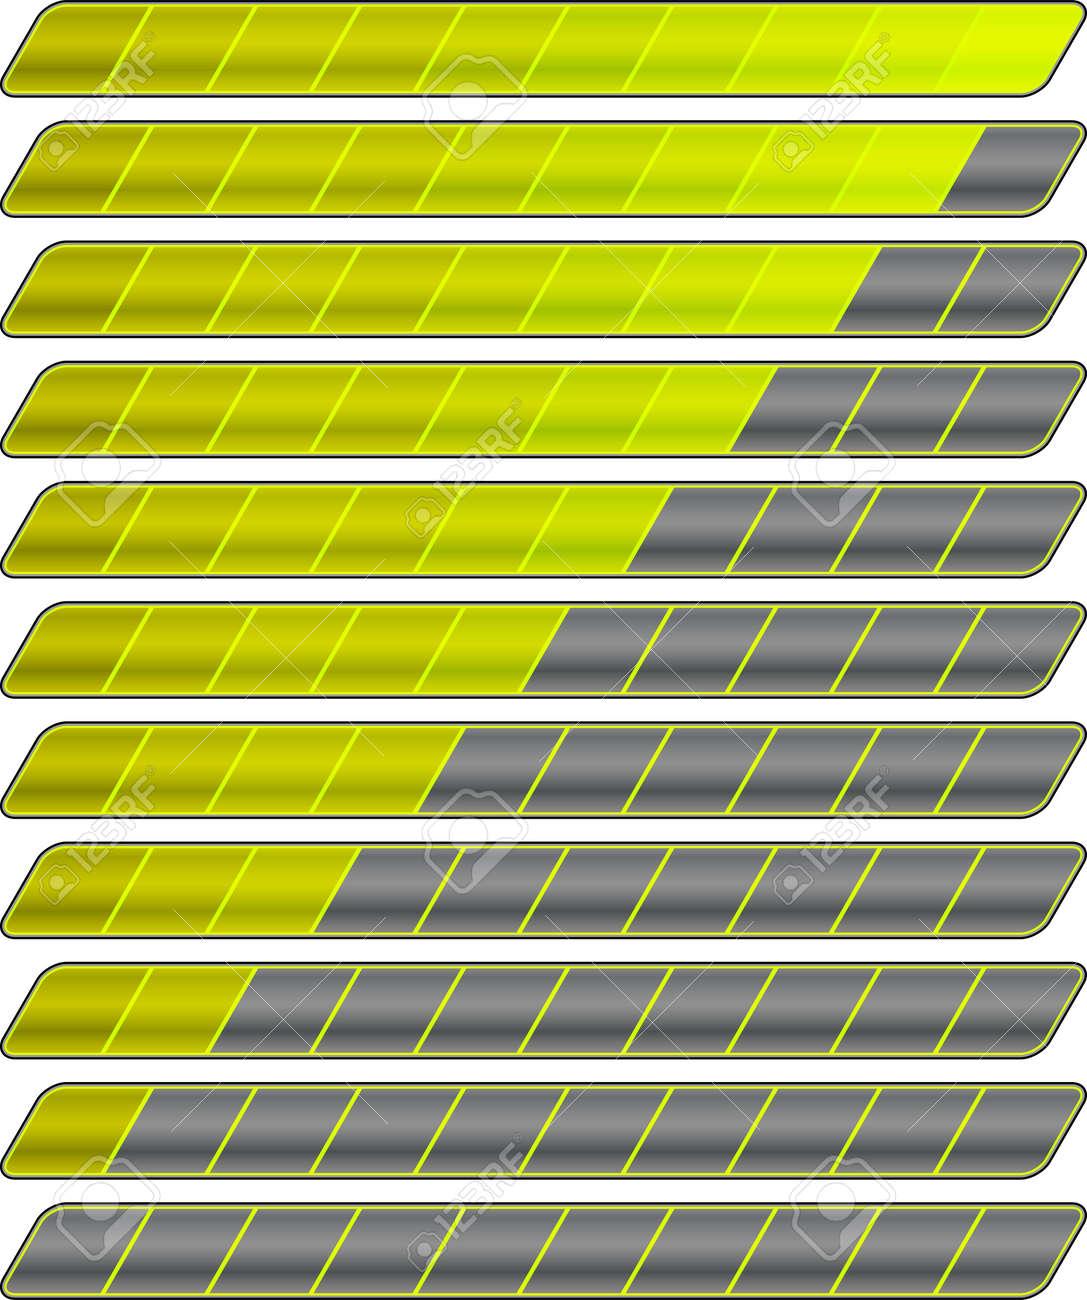 Colorful progress bar vector set - 123438390